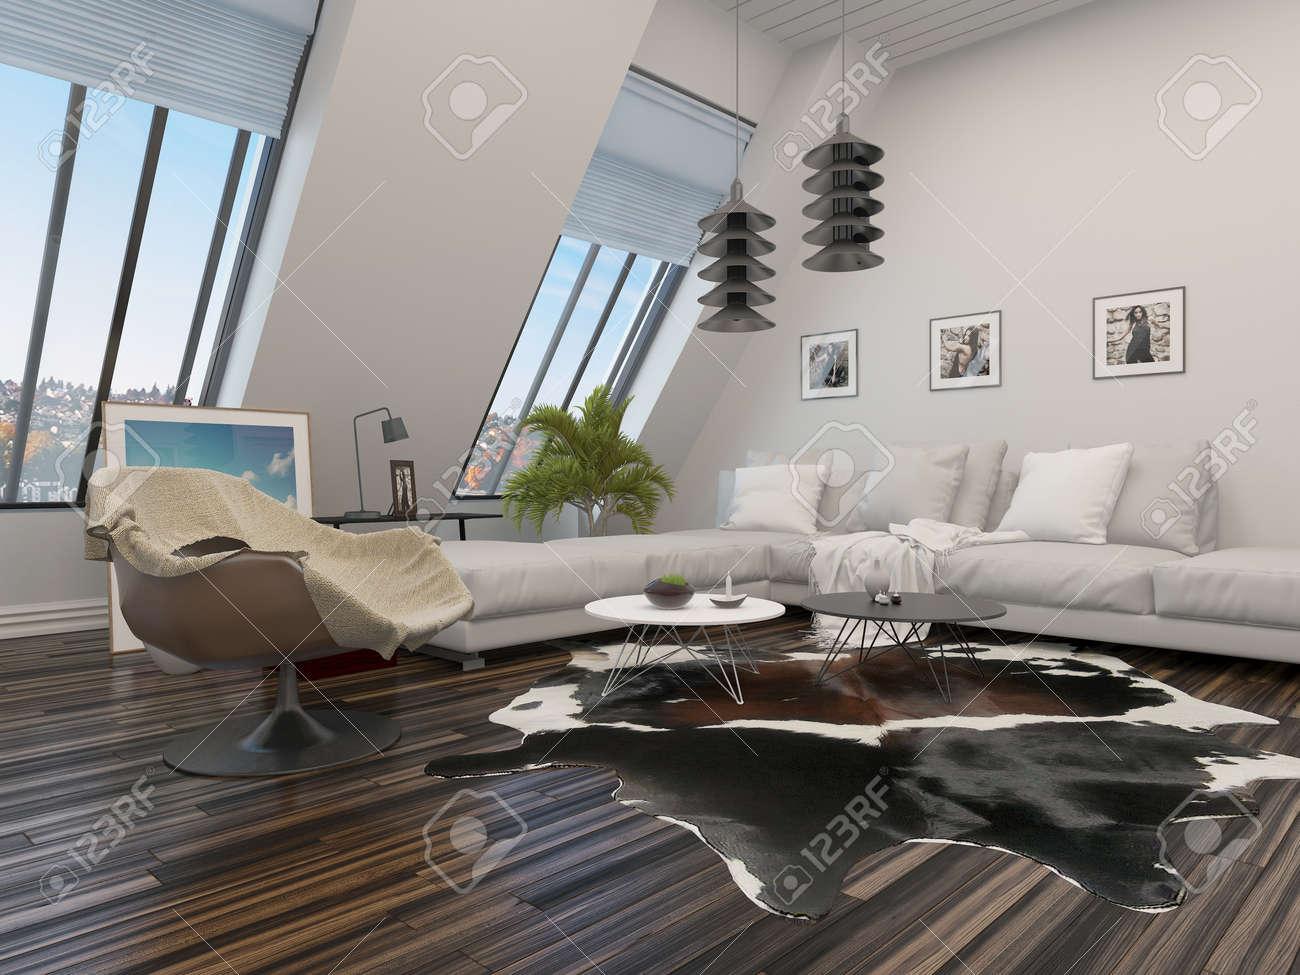 Immagini stock soggiorno moderno con una suite salotto unità d